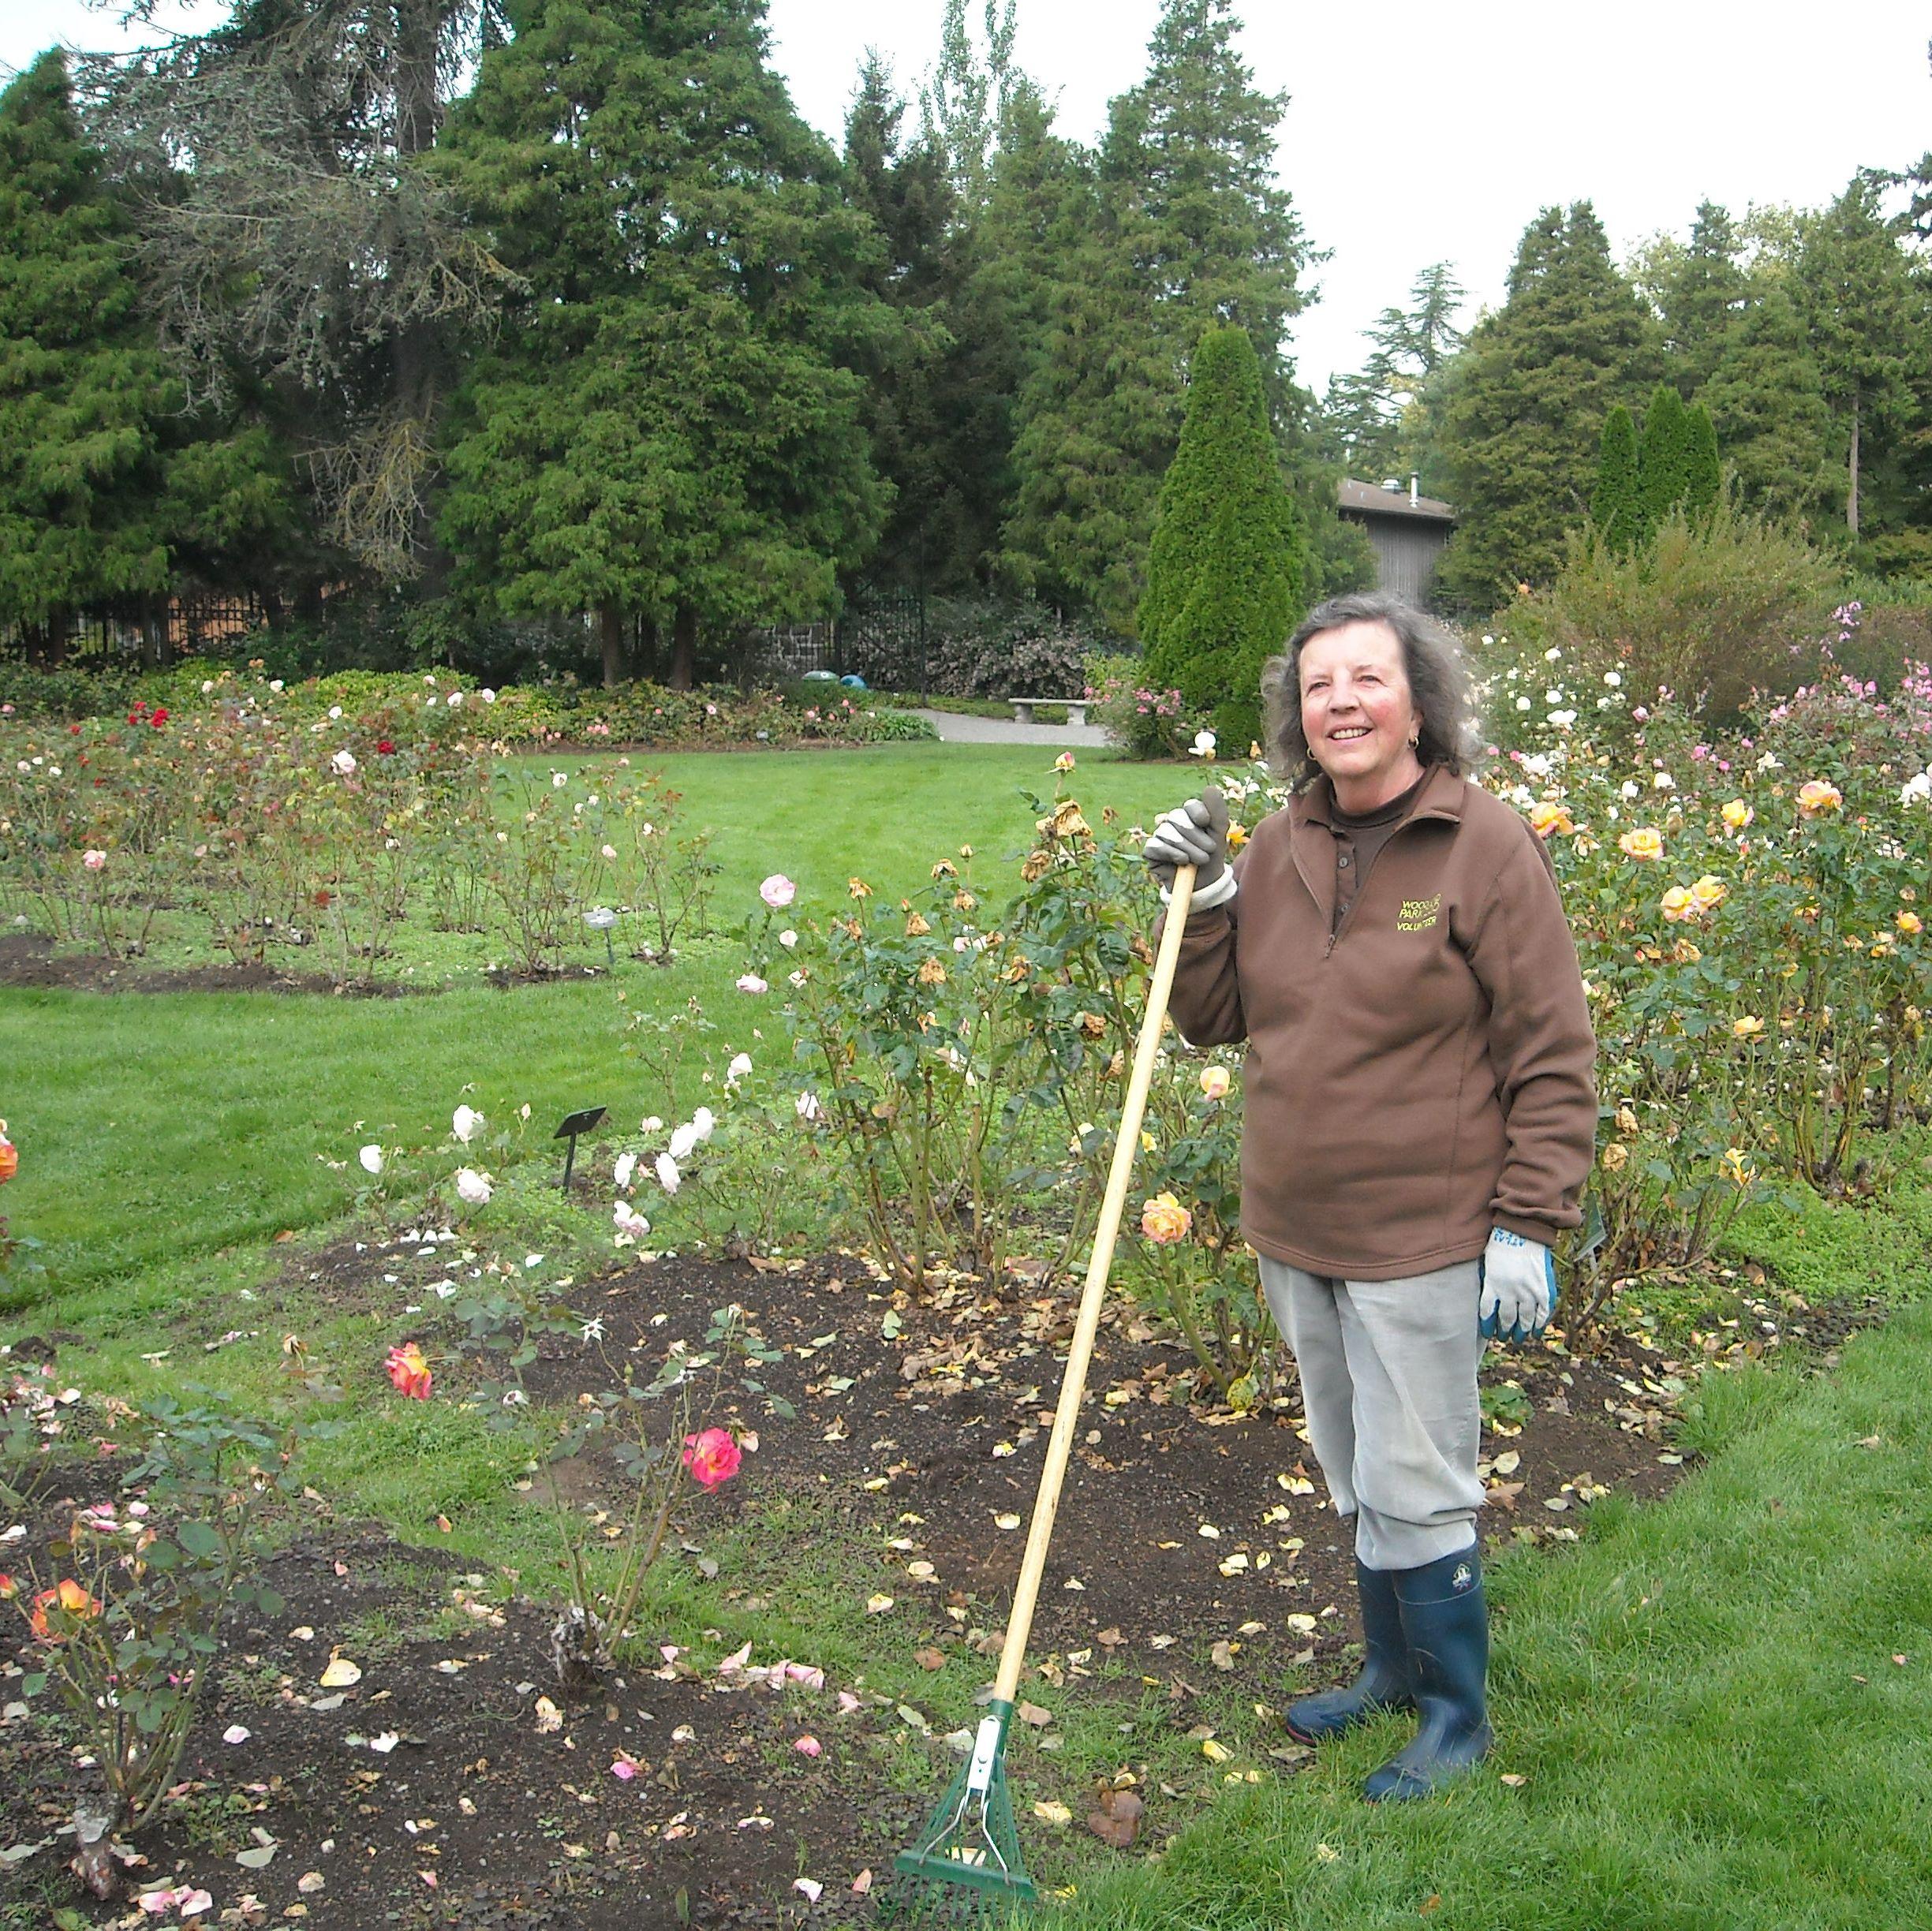 Volunteers Rose Garden